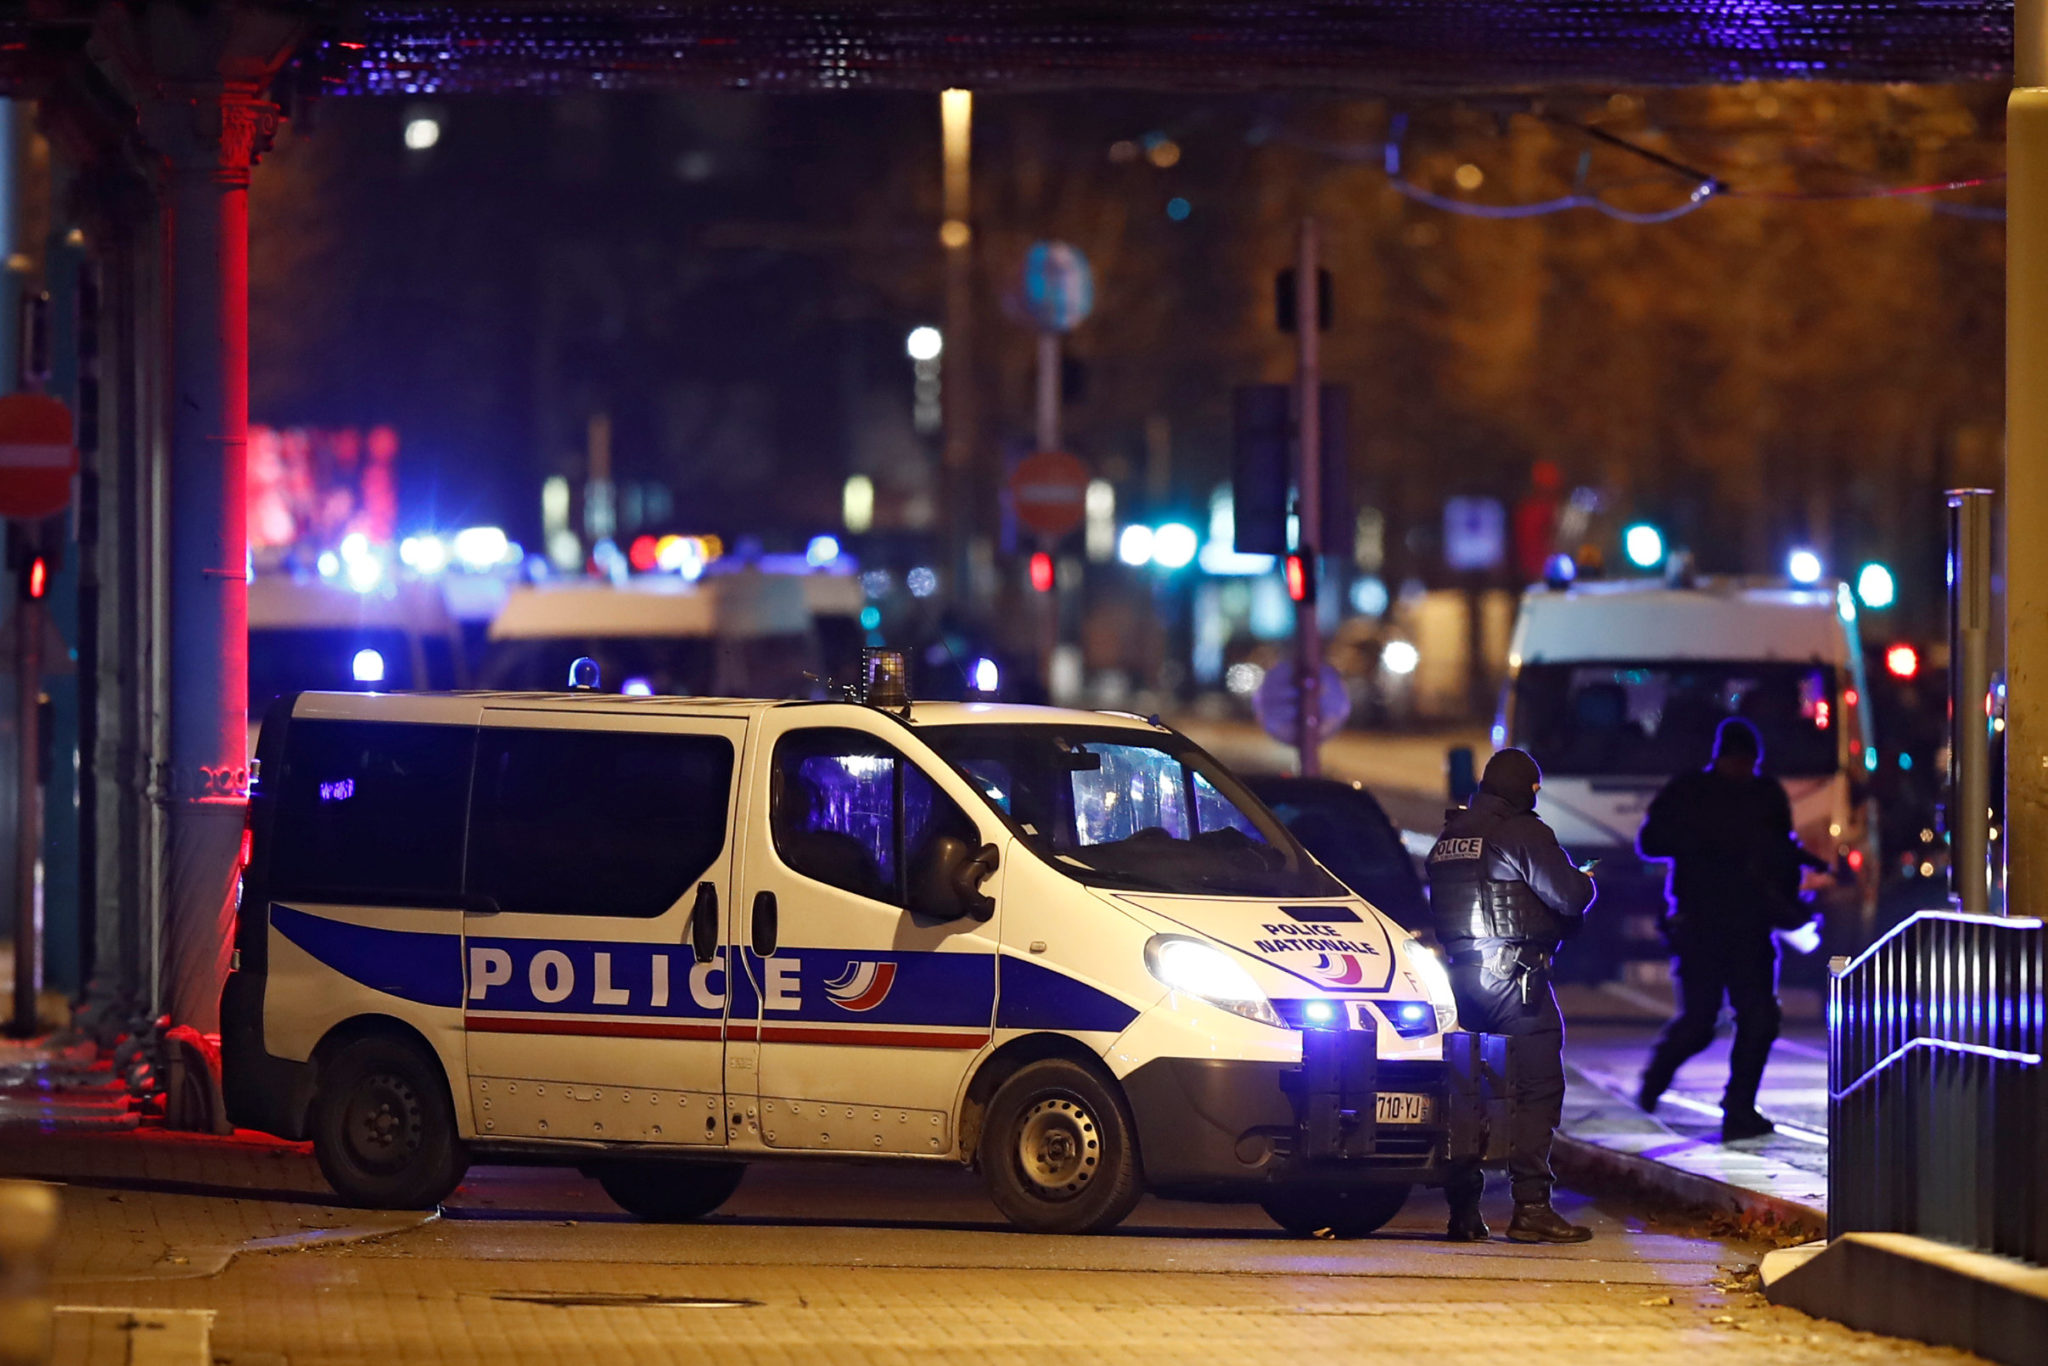 Στρασβούργο: Δύο κρατούμενοι ως ύποπτοι ότι προμήθευσαν το όπλο στον Σεκάτ